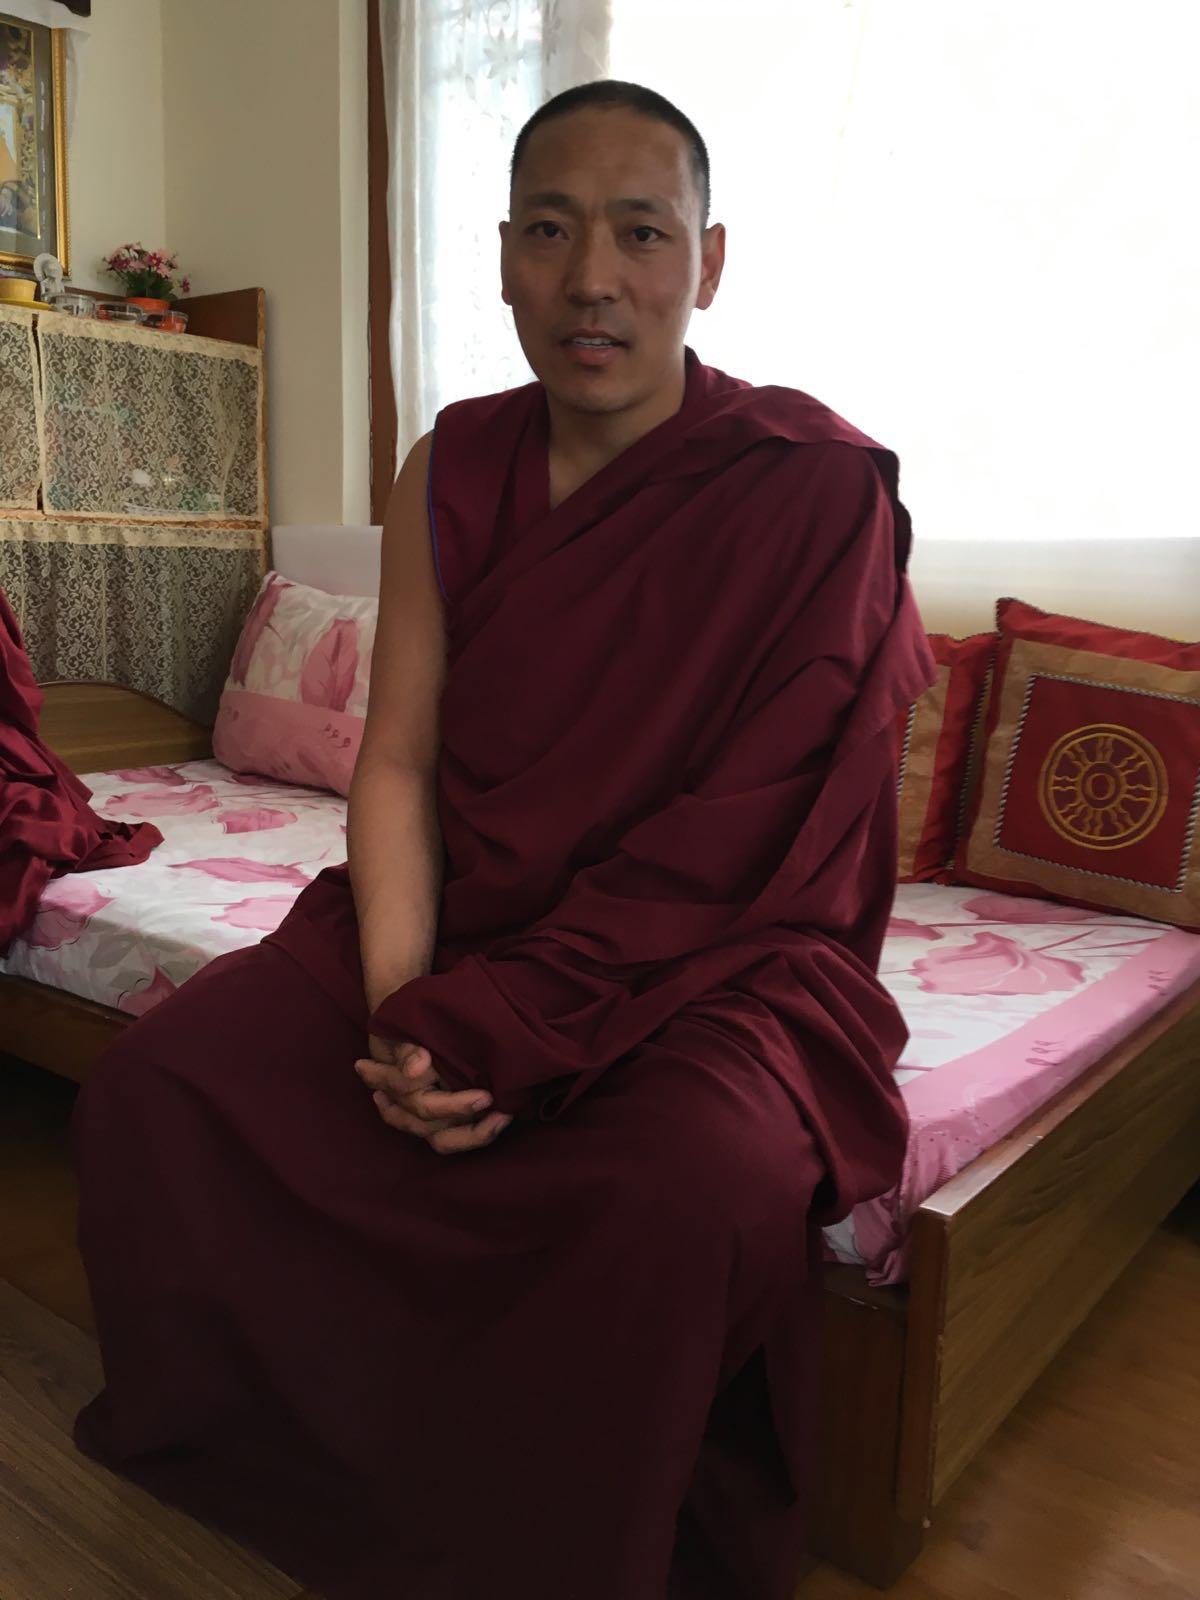 252 IN - Gyaltsen Lobsang, geb. 1982